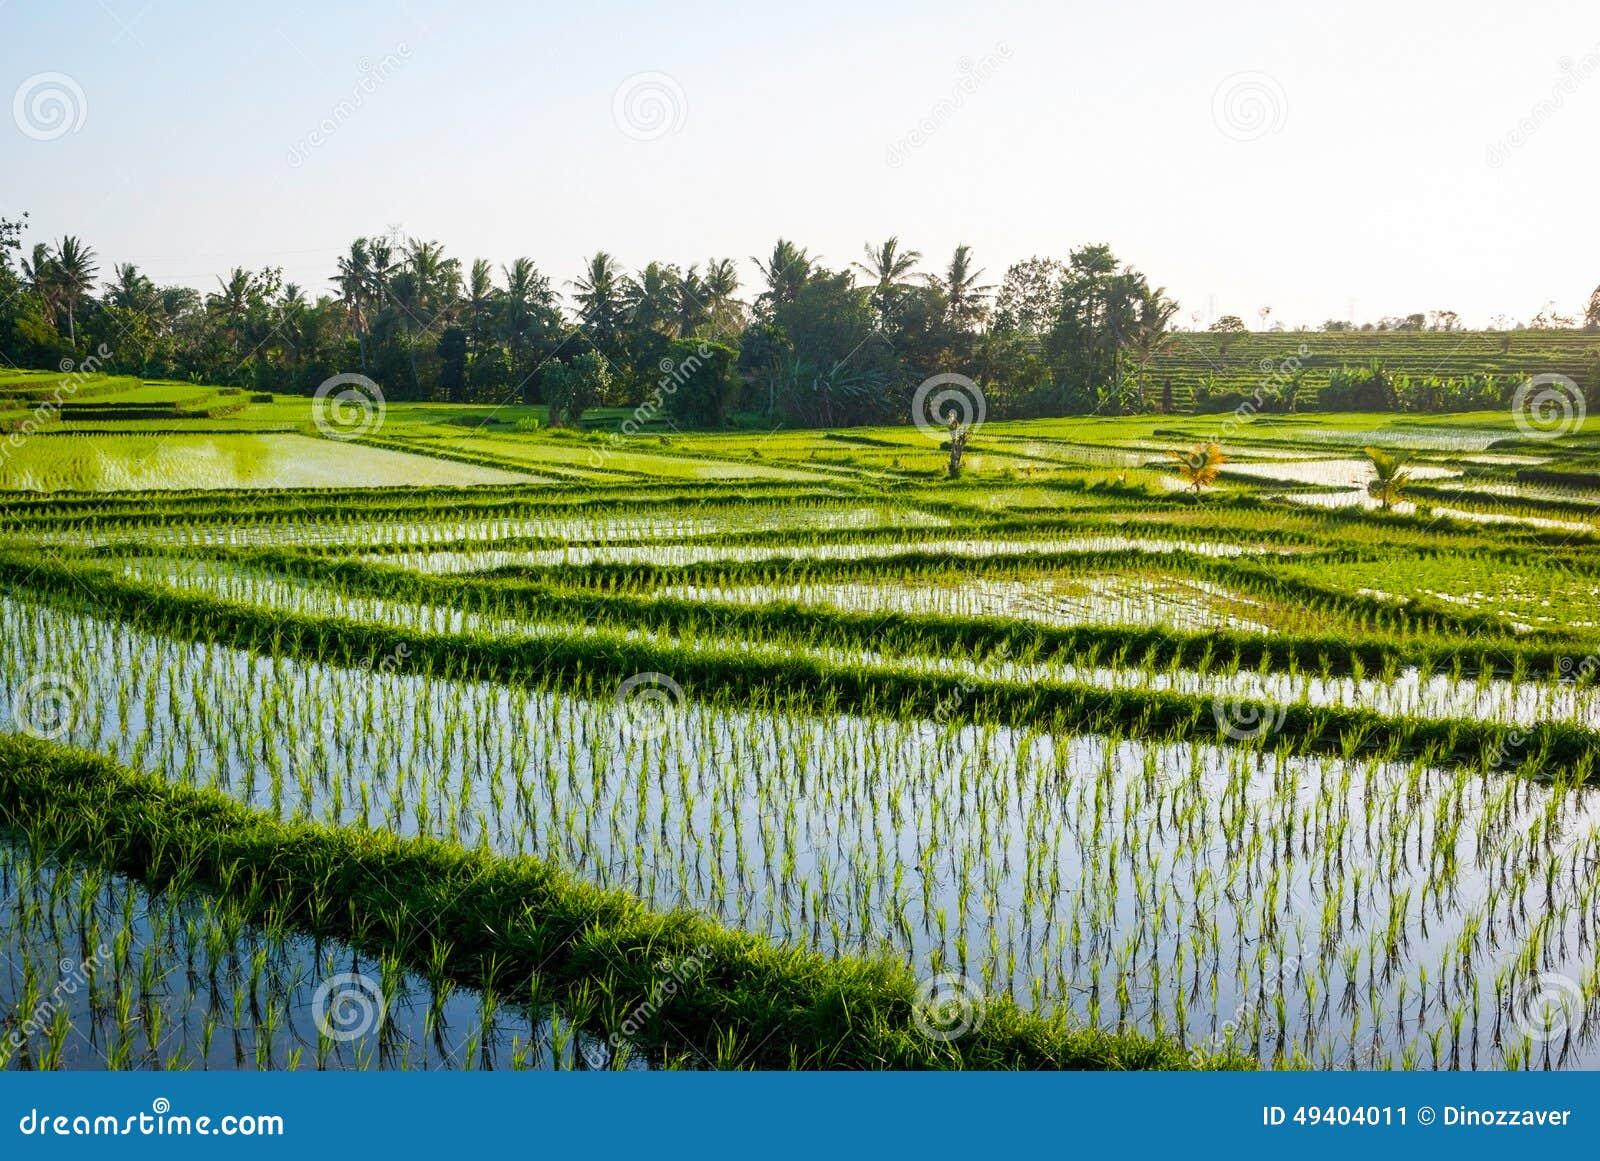 Download Reisfelder Mit Jungem Reis, Indonesien Stockbild - Bild von grün, field: 49404011